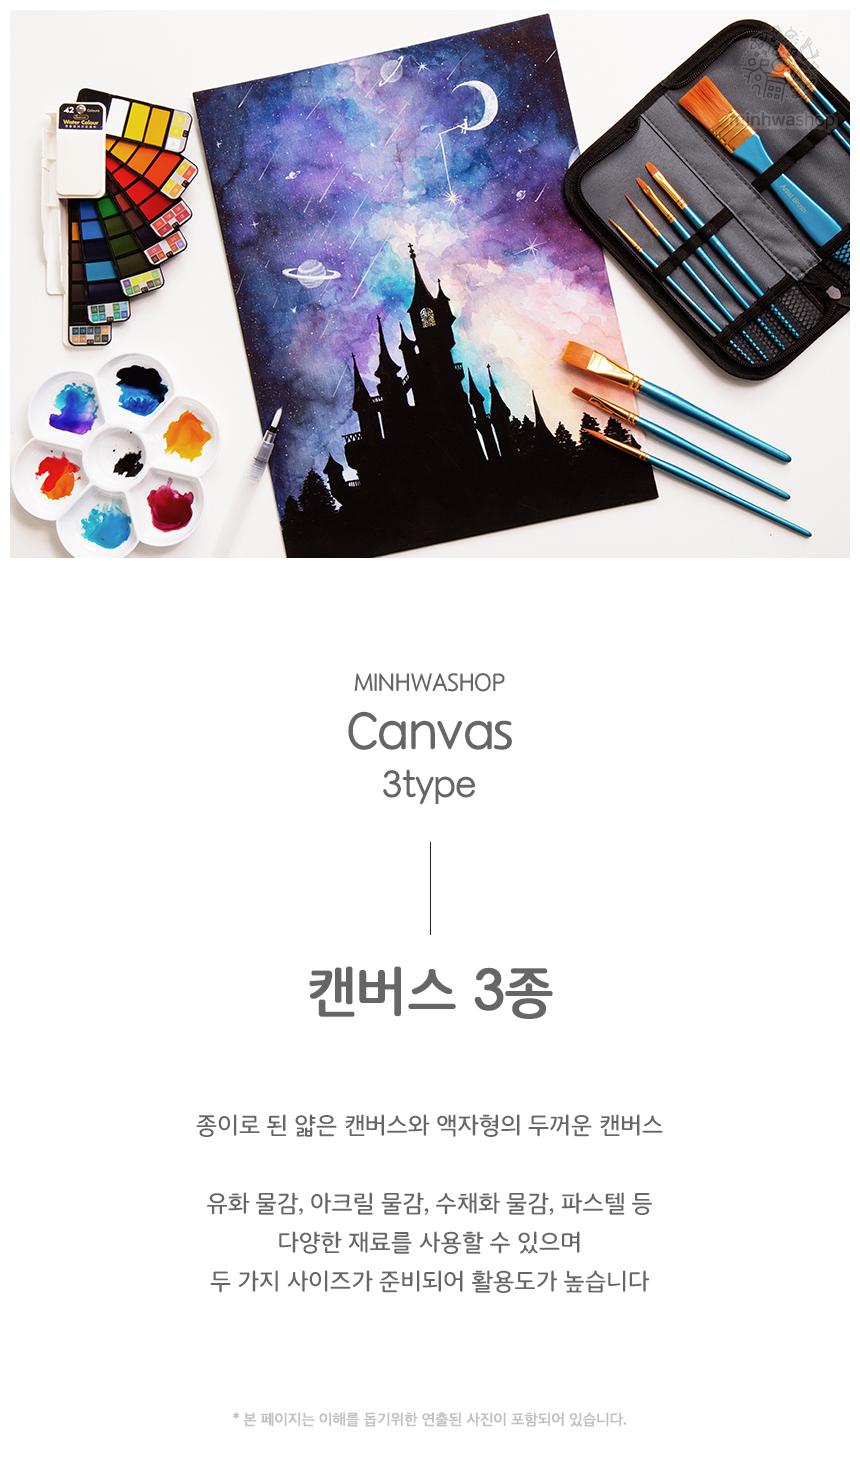 면천캔버스 종이 캔버스 - 민화샵, 1,000원, 화방지류, 유화/아크릴스케치북